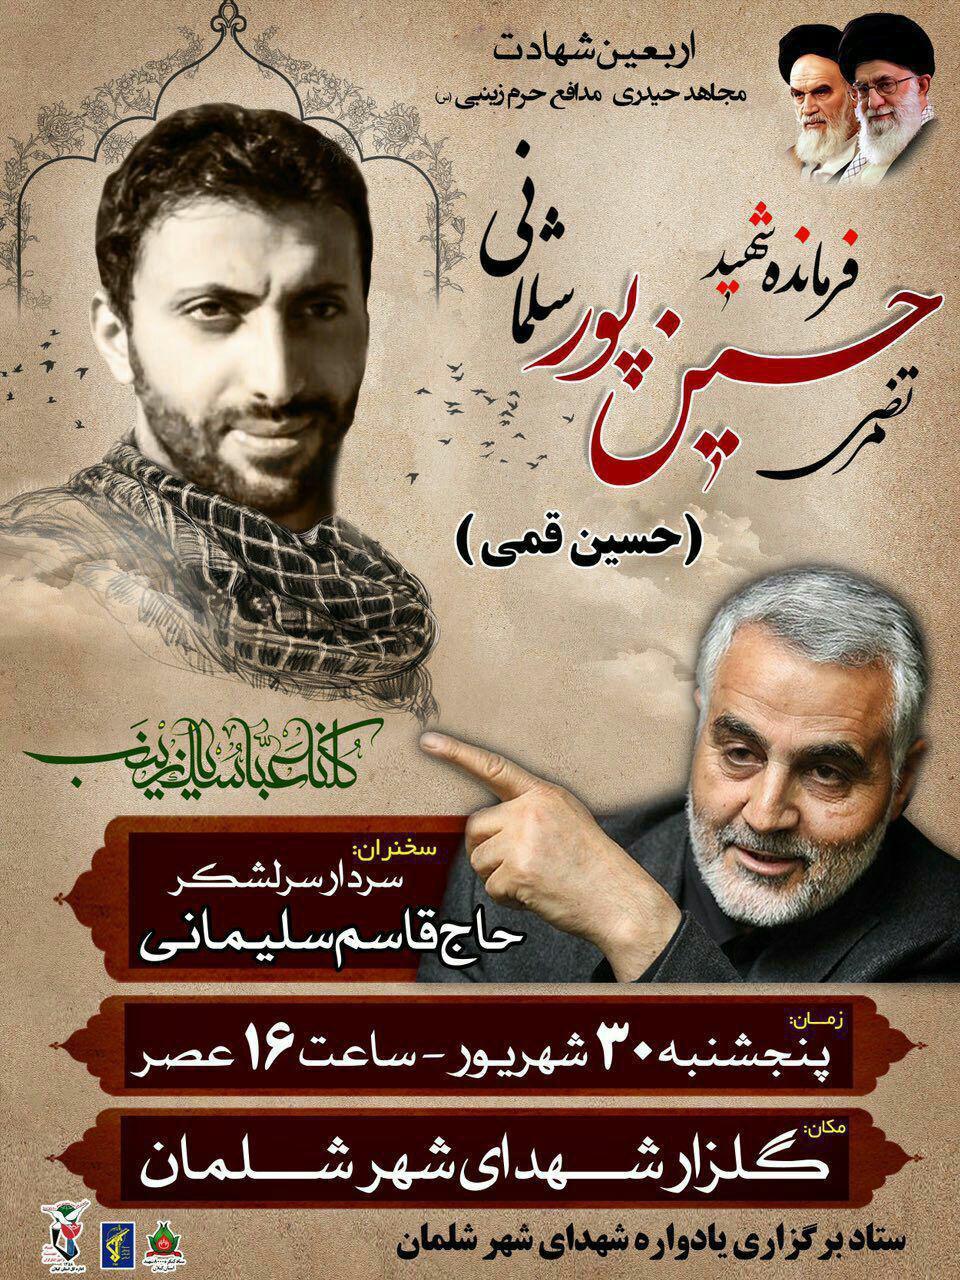 پوستر-مراسم-چهلم-شهید-حسین-پور